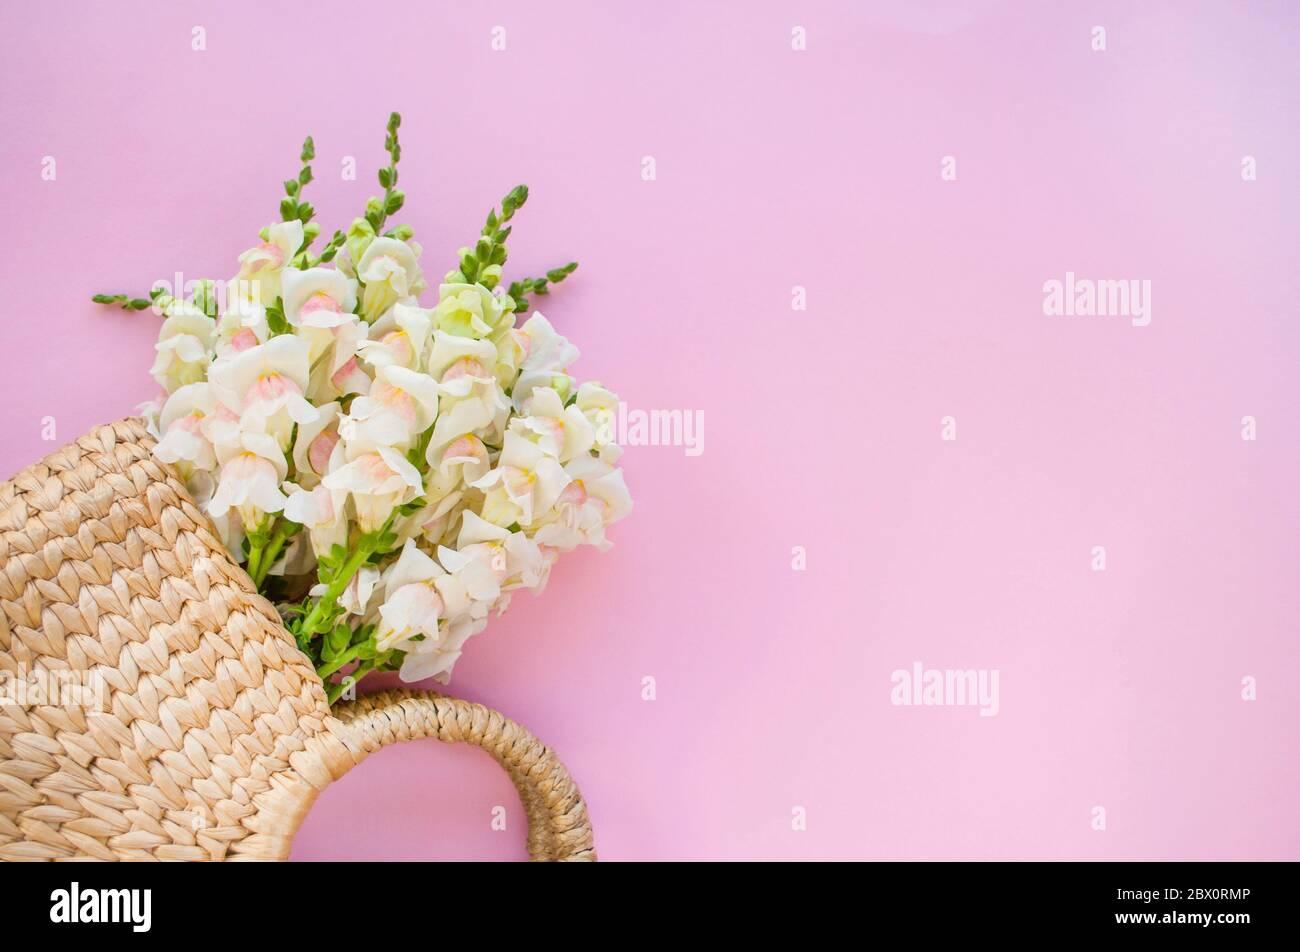 Bolsa de paja moderna con hermoso ramo de flores blancas sobre fondo rosa con copyspace. Foto de stock